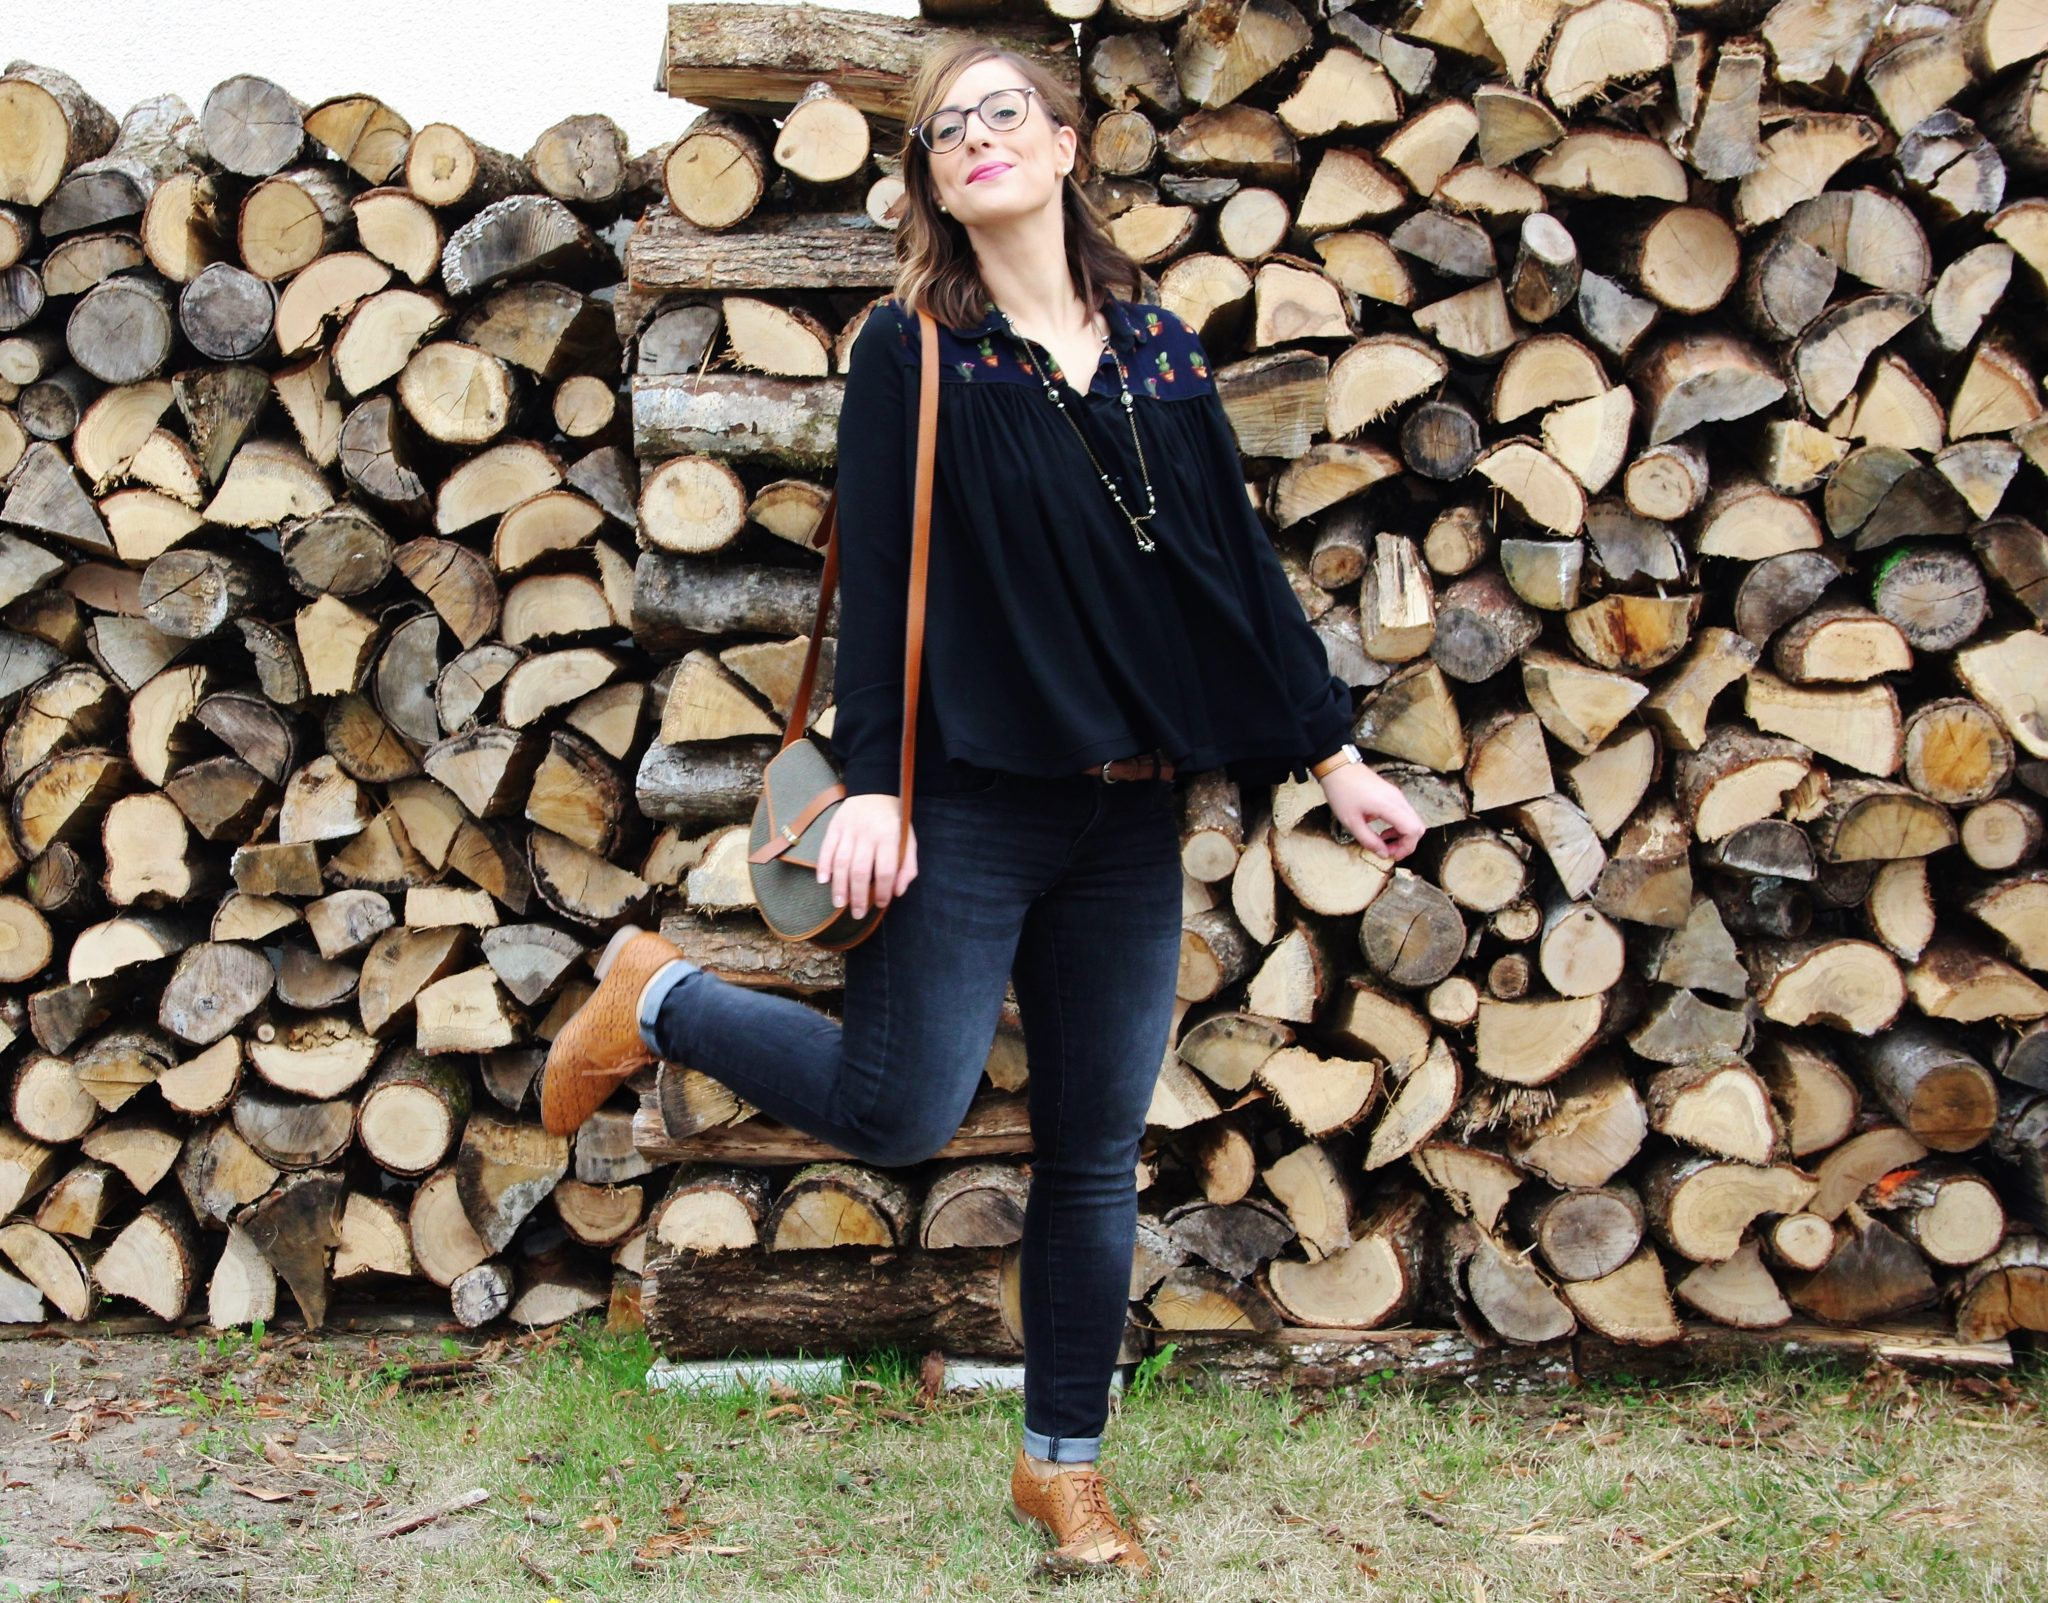 371b0342d427 huguette-paillettes-couture-chemise-cactus-9 - Huguette Paillettes ...